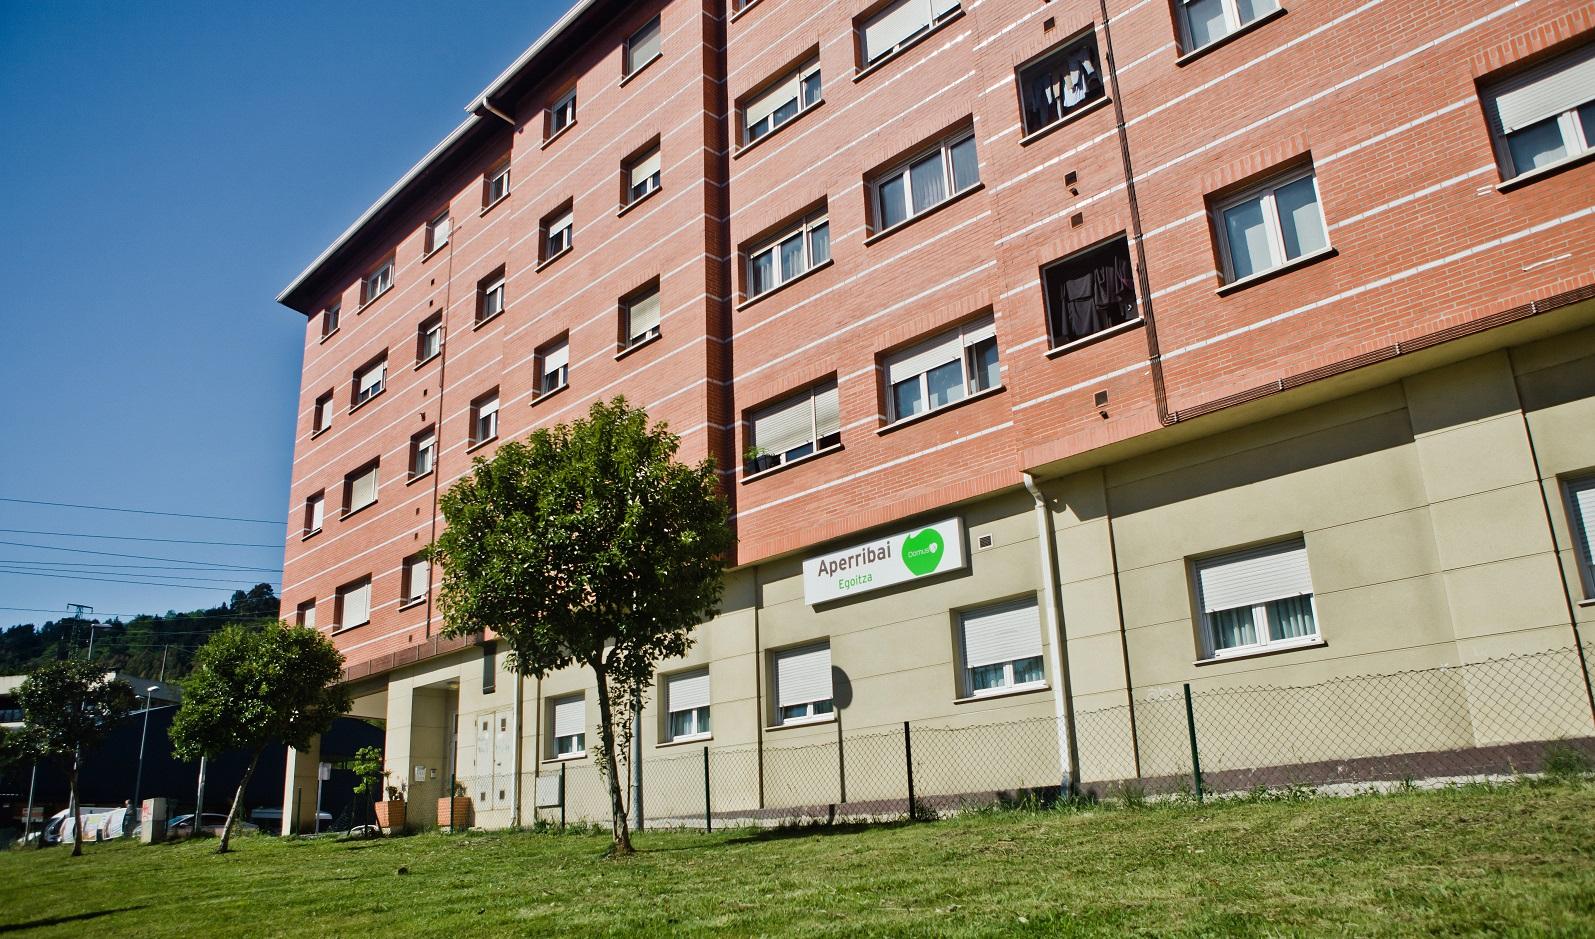 Residencia de mayores Aperribai, Bizkaia